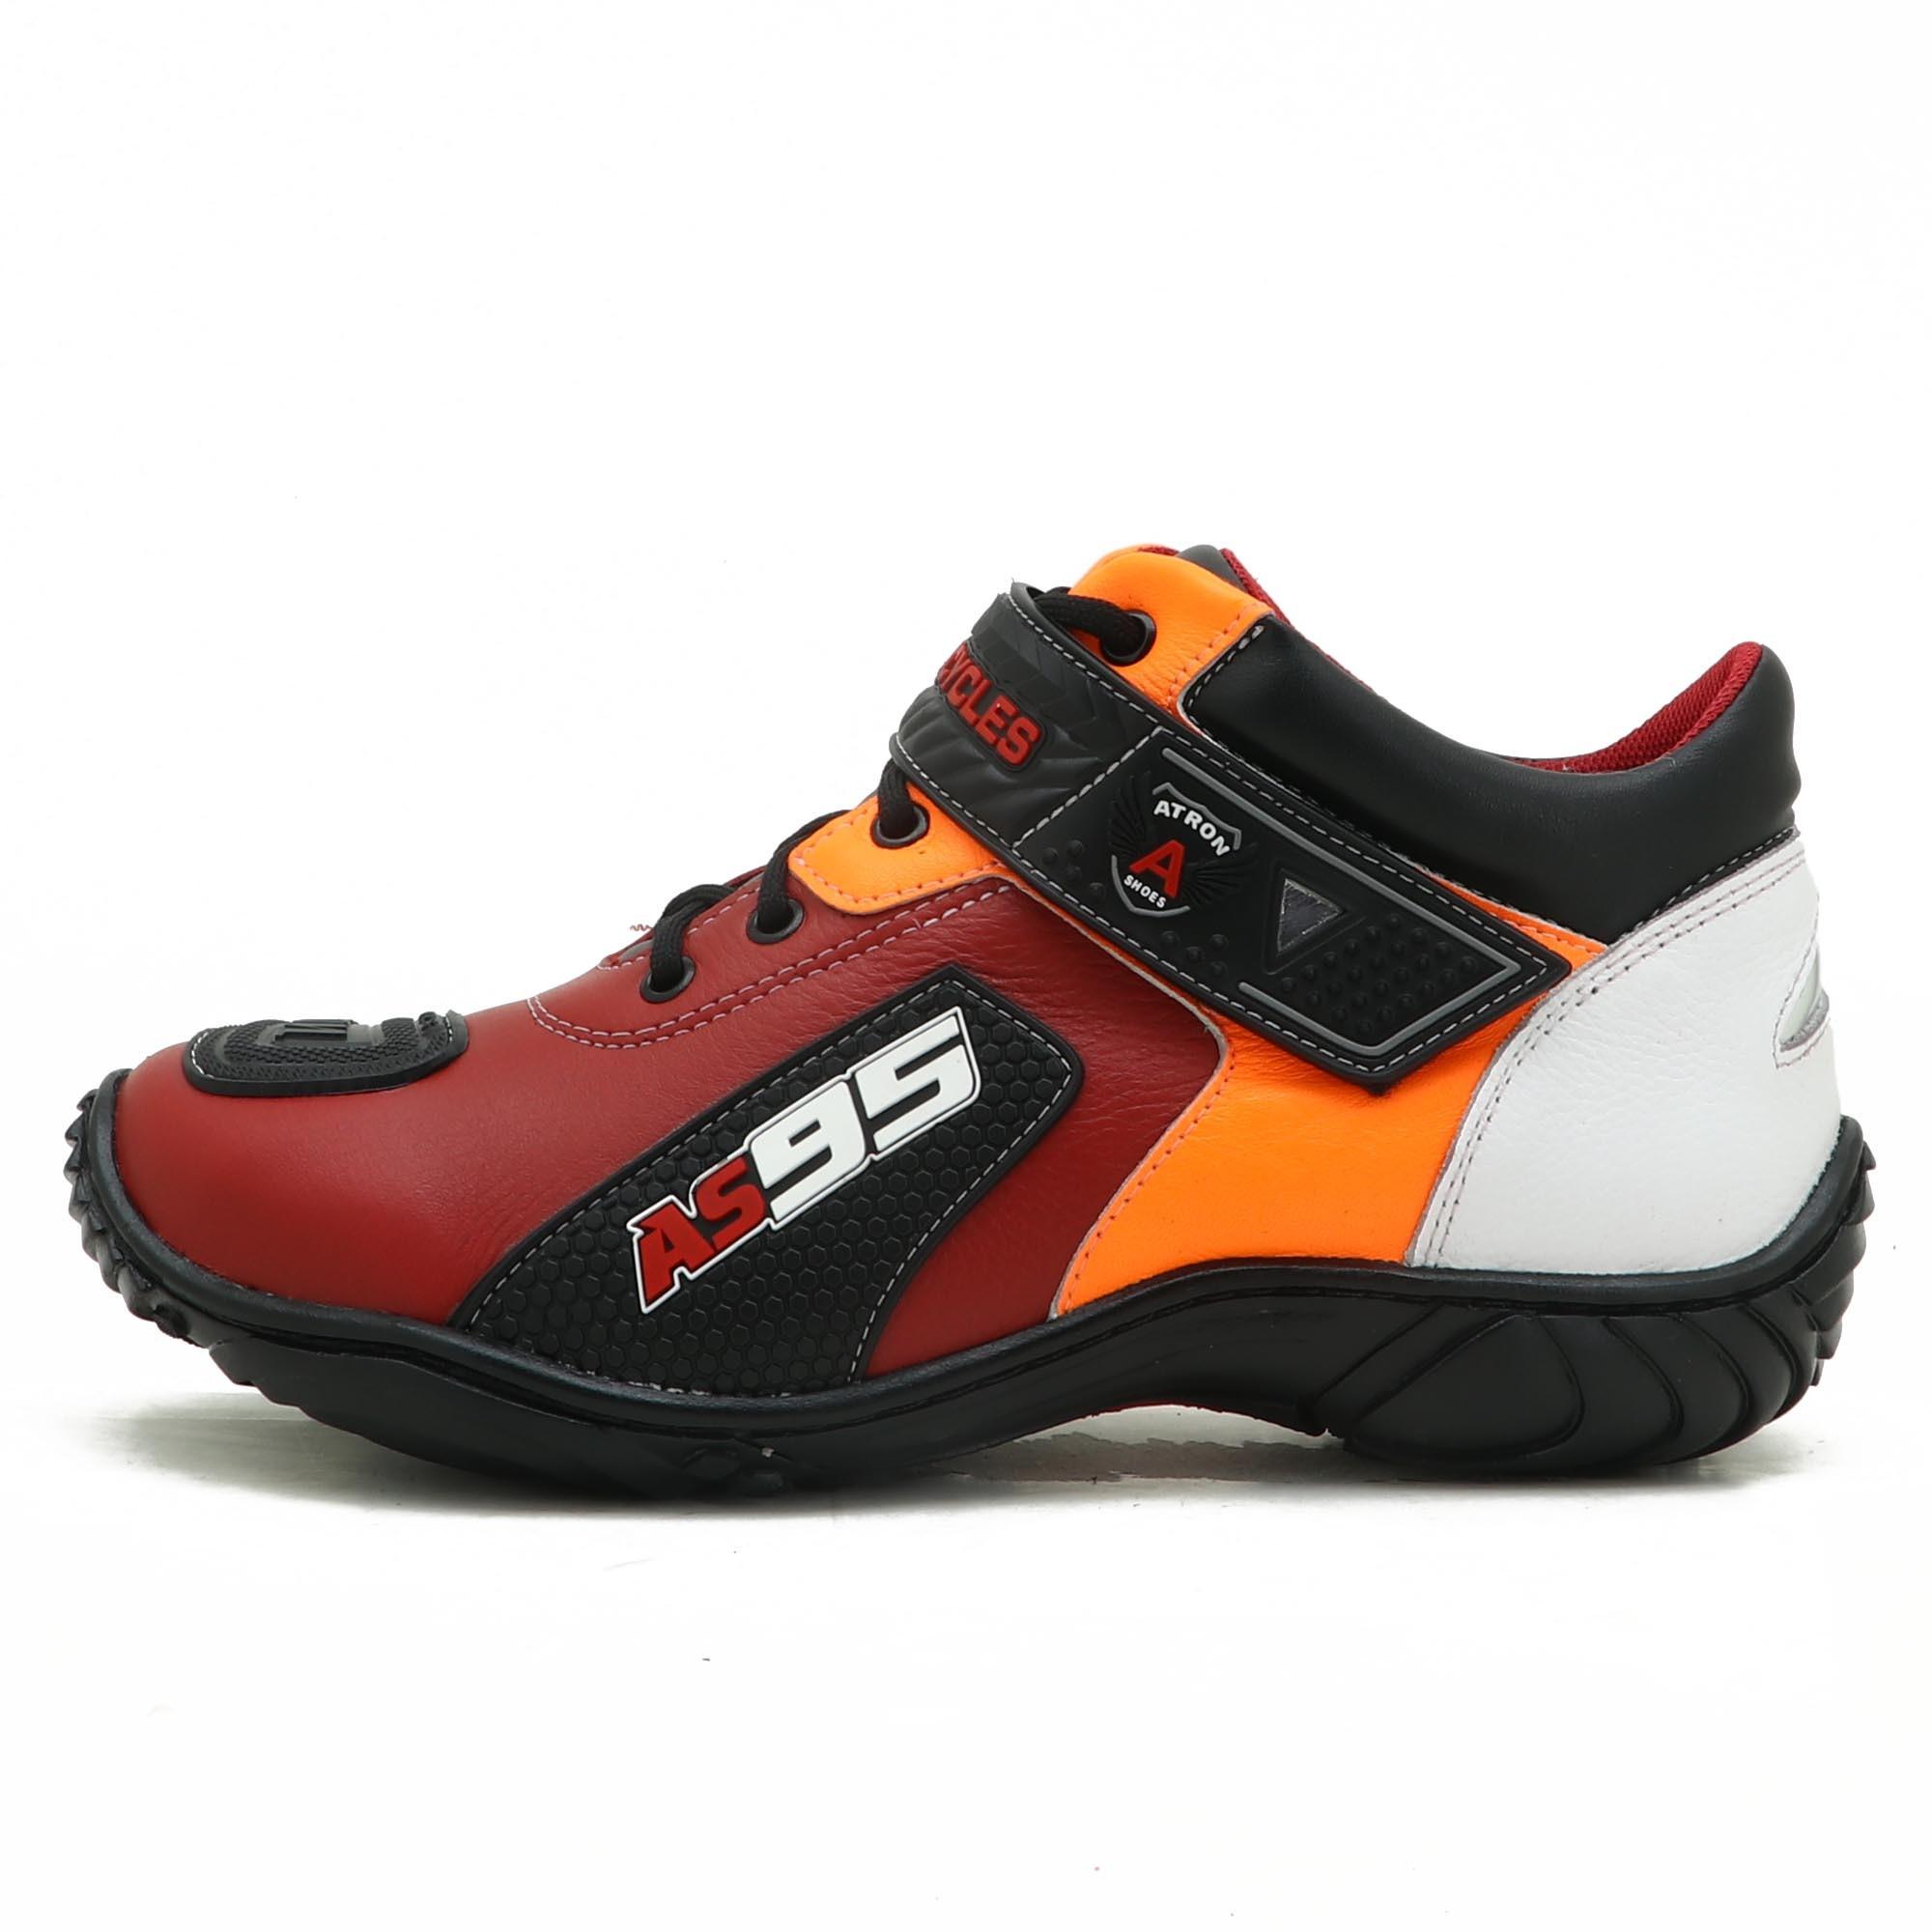 Tênis motociclista AS95 em couro legítimo nas cores vermelho branco e laranja 403